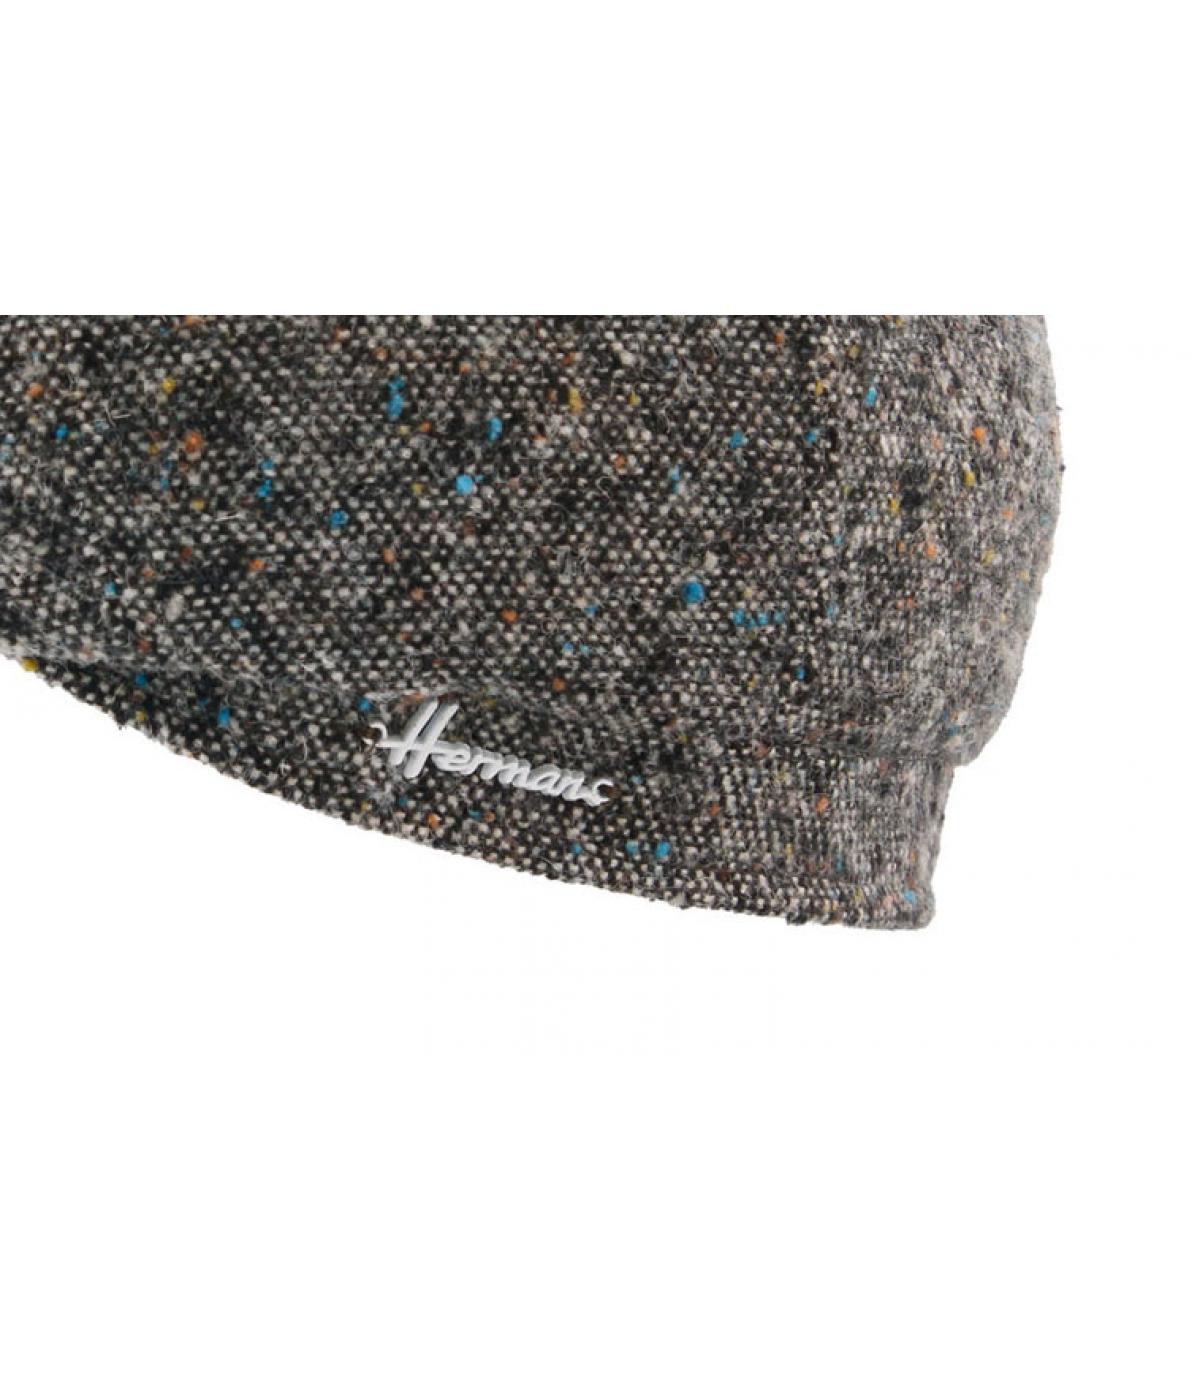 Details Advancer Dot Wool grey - afbeeling 3